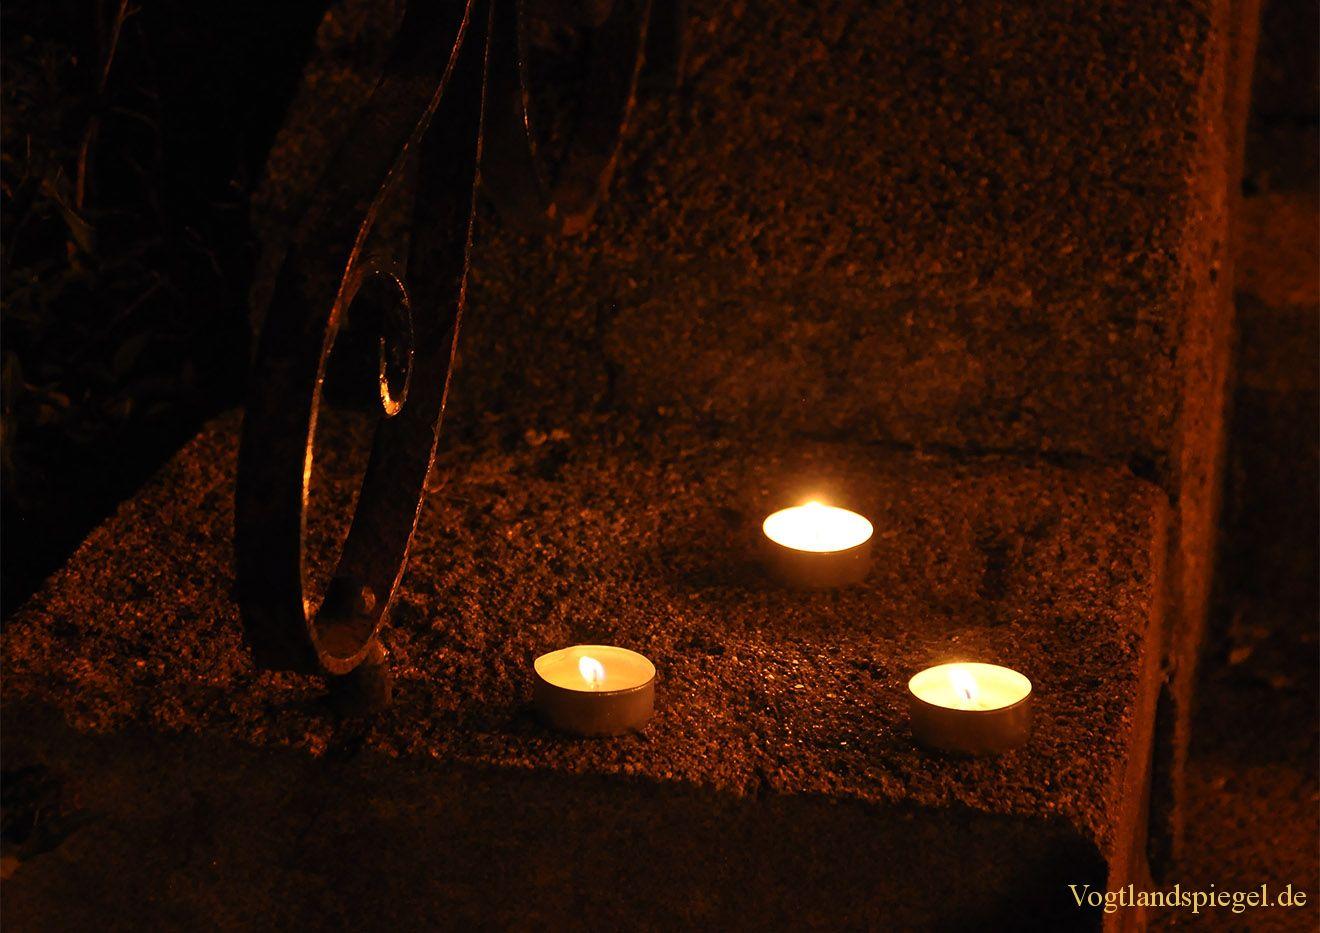 Greizer gedenken Pogromnacht vom 9. November 1938